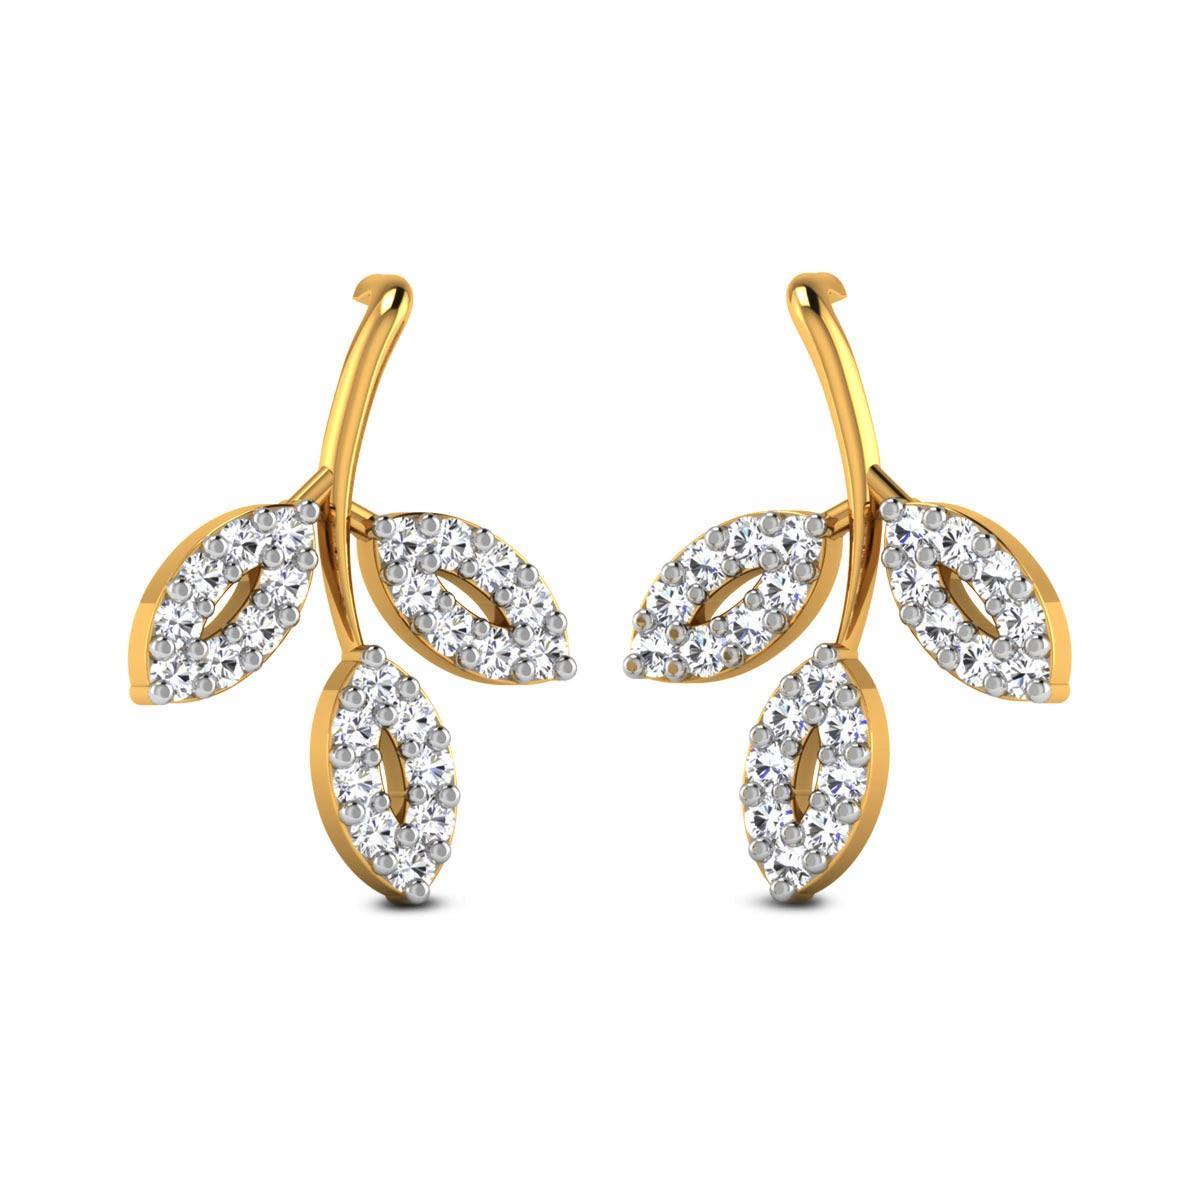 Fulmoti Diamond Leafy Stud Earrings